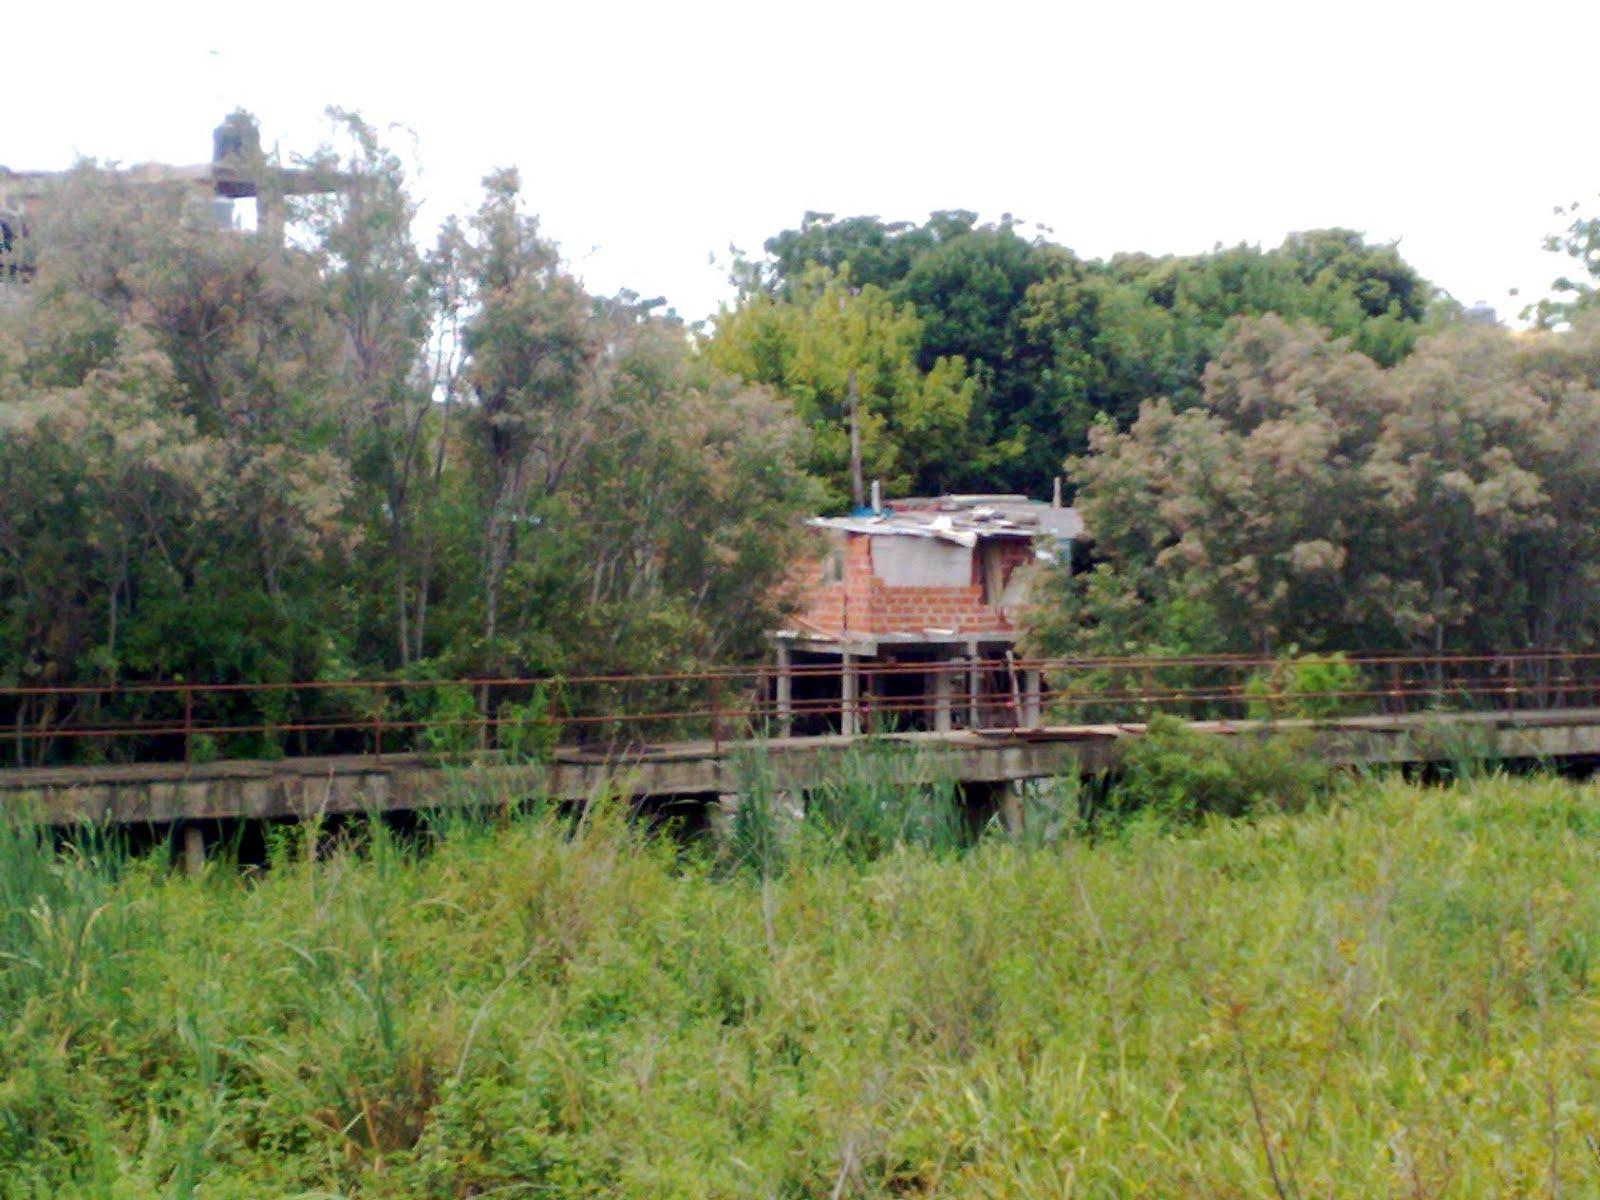 Pensando la bronca lugares abandonados Villa jardin donde queda